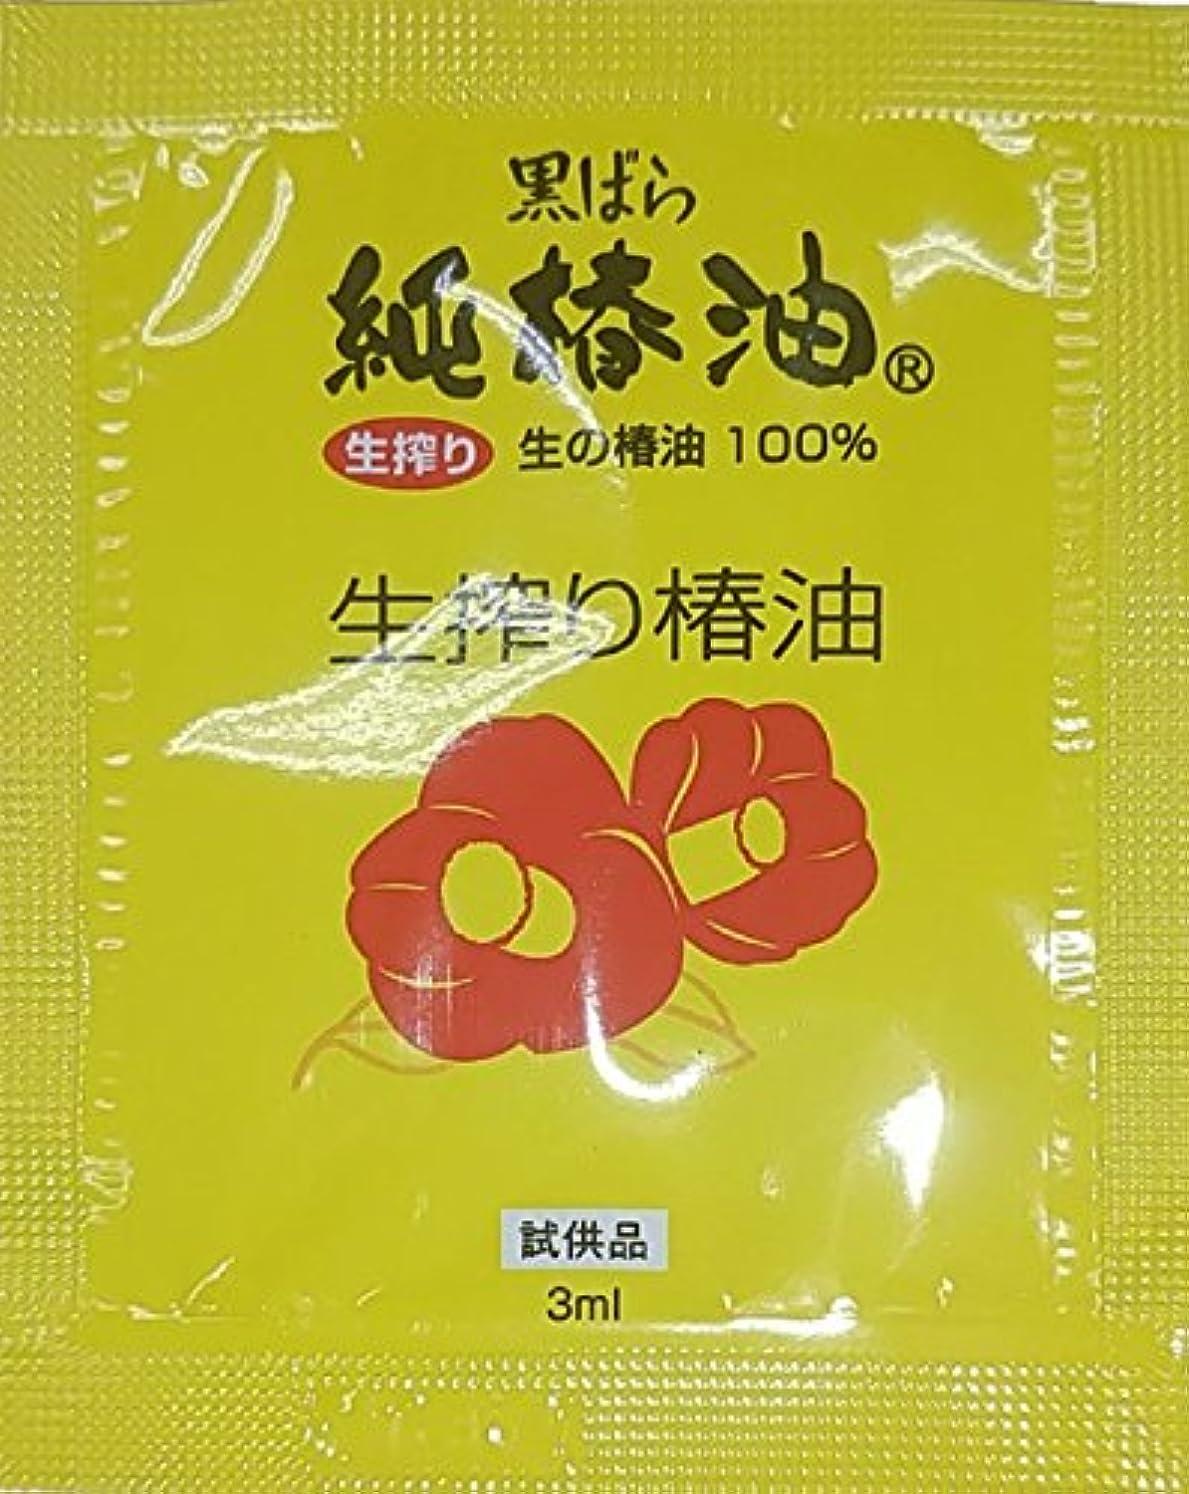 目を覚ますベジタリアン副詞純椿油ミニサイズ3ml【実質無料サンプルストア対象】